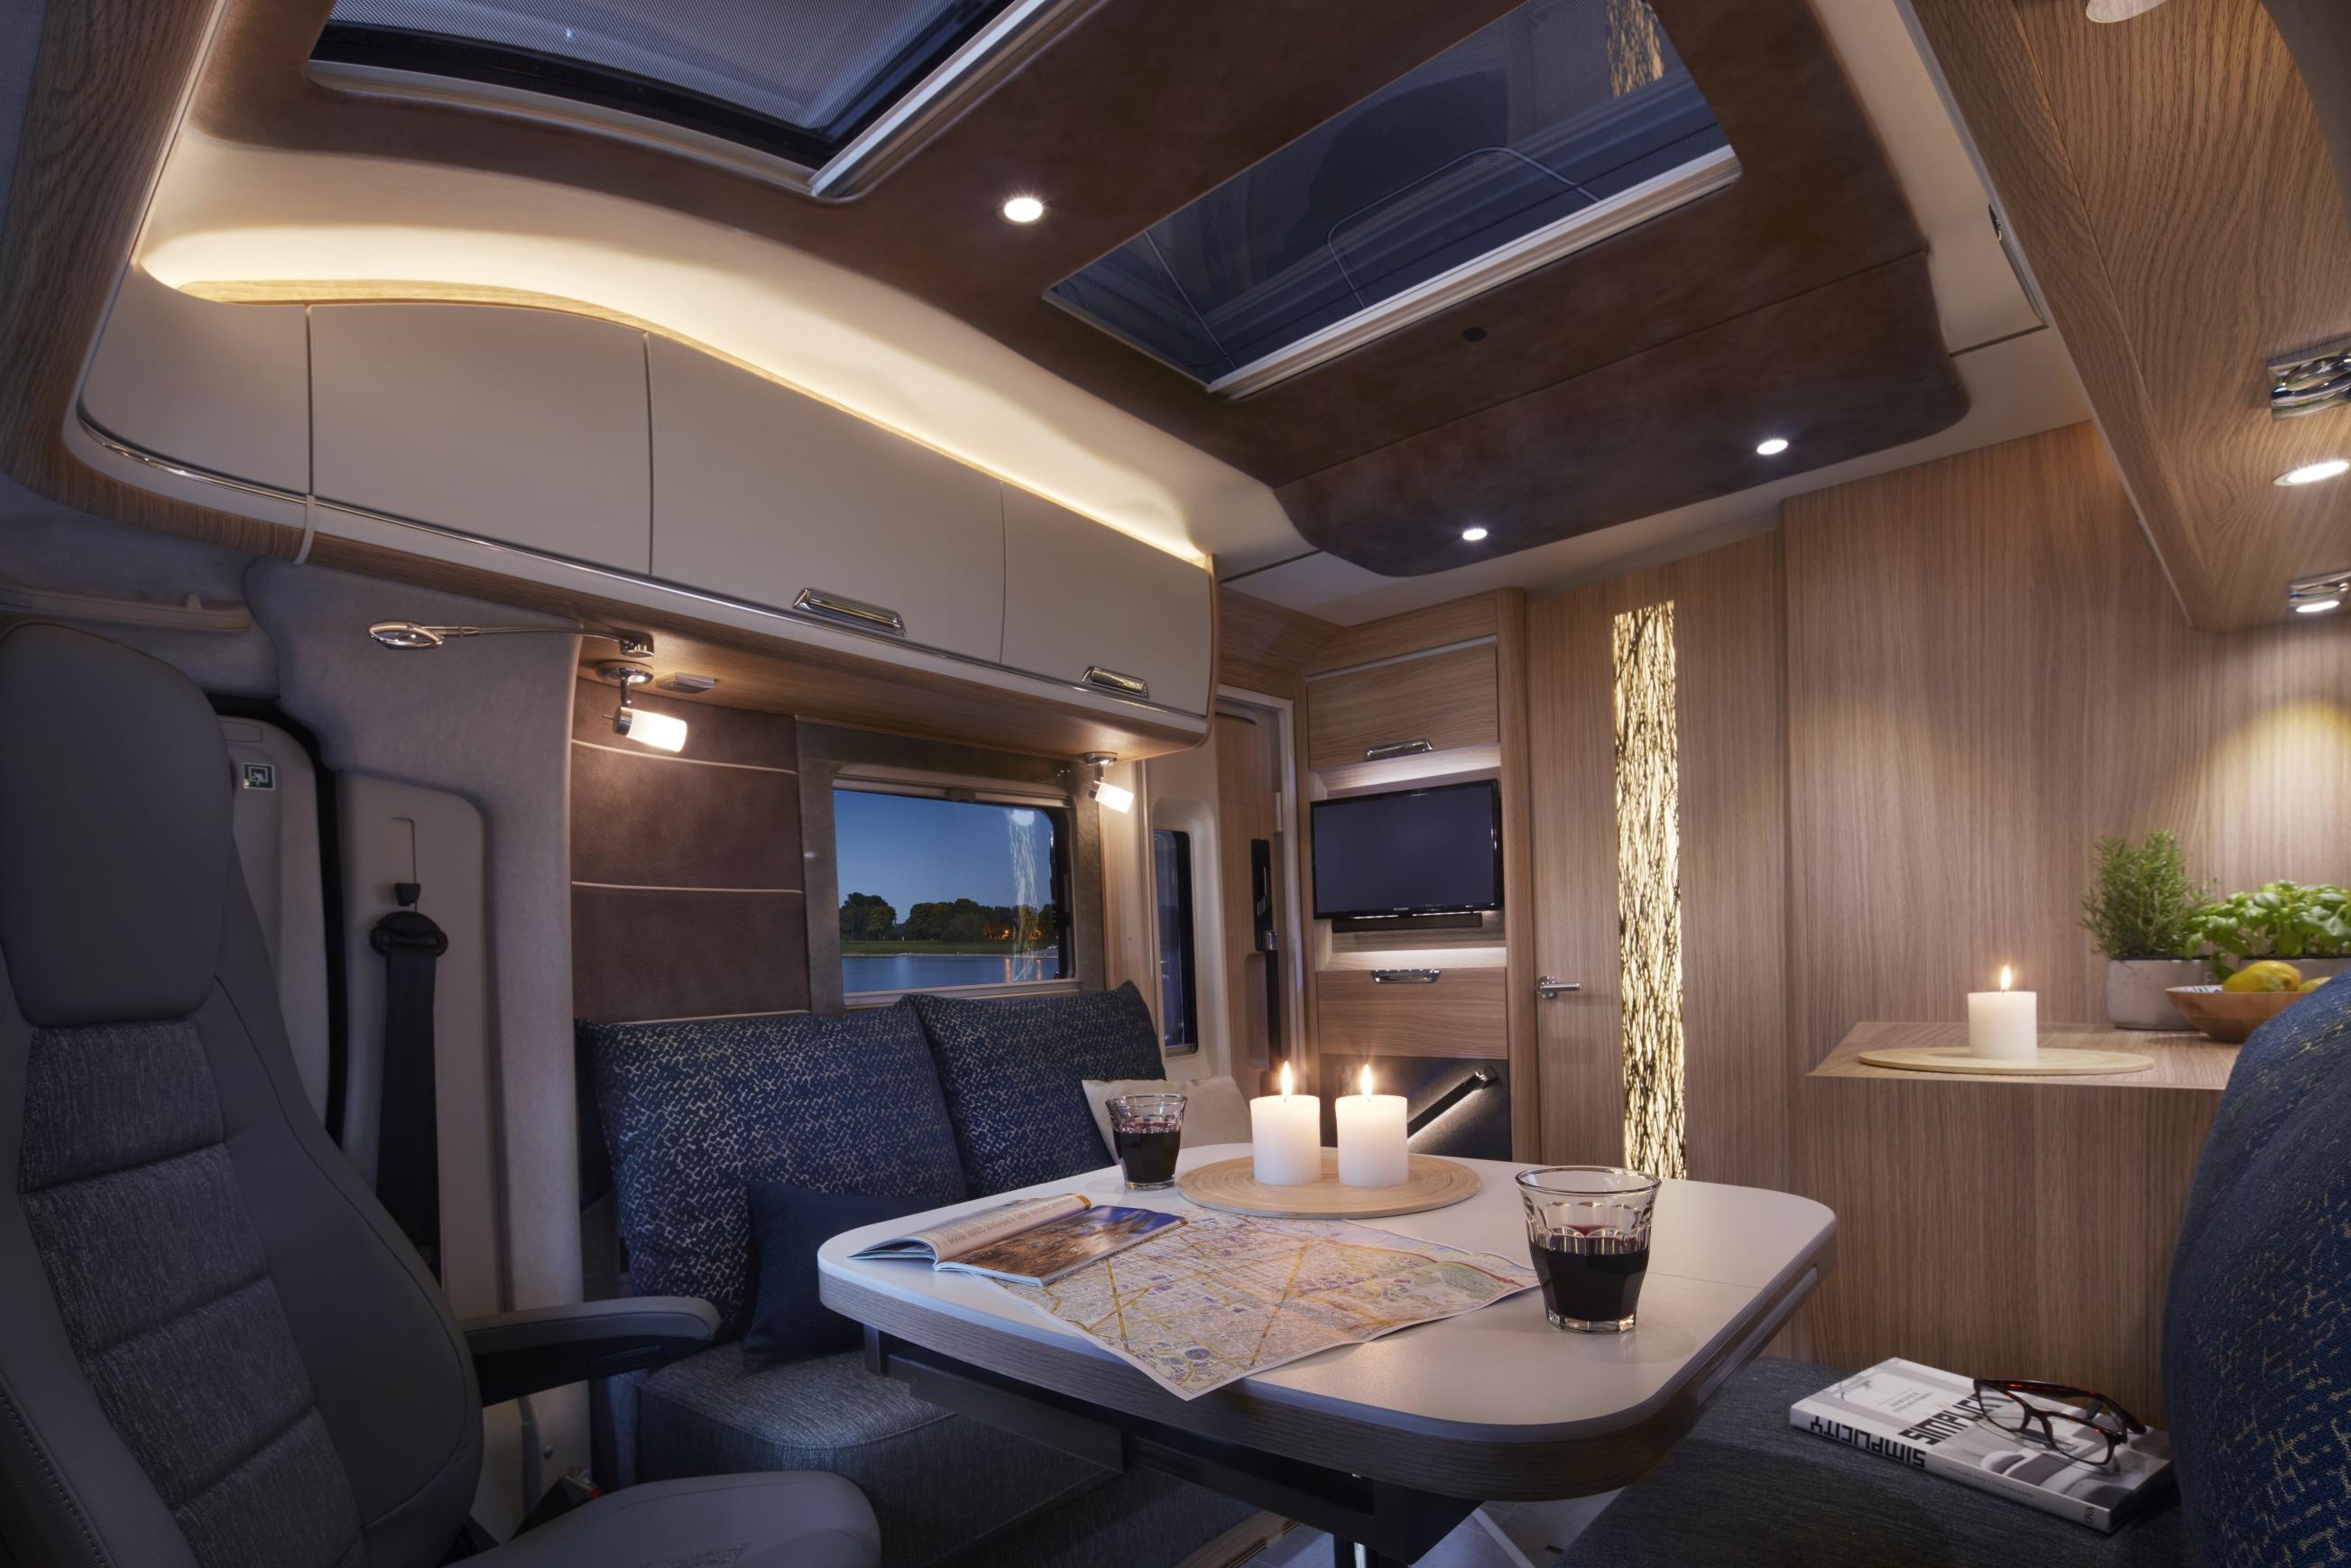 smove niesmann bischoff das sportliche teil integrierte wohnmobil. Black Bedroom Furniture Sets. Home Design Ideas